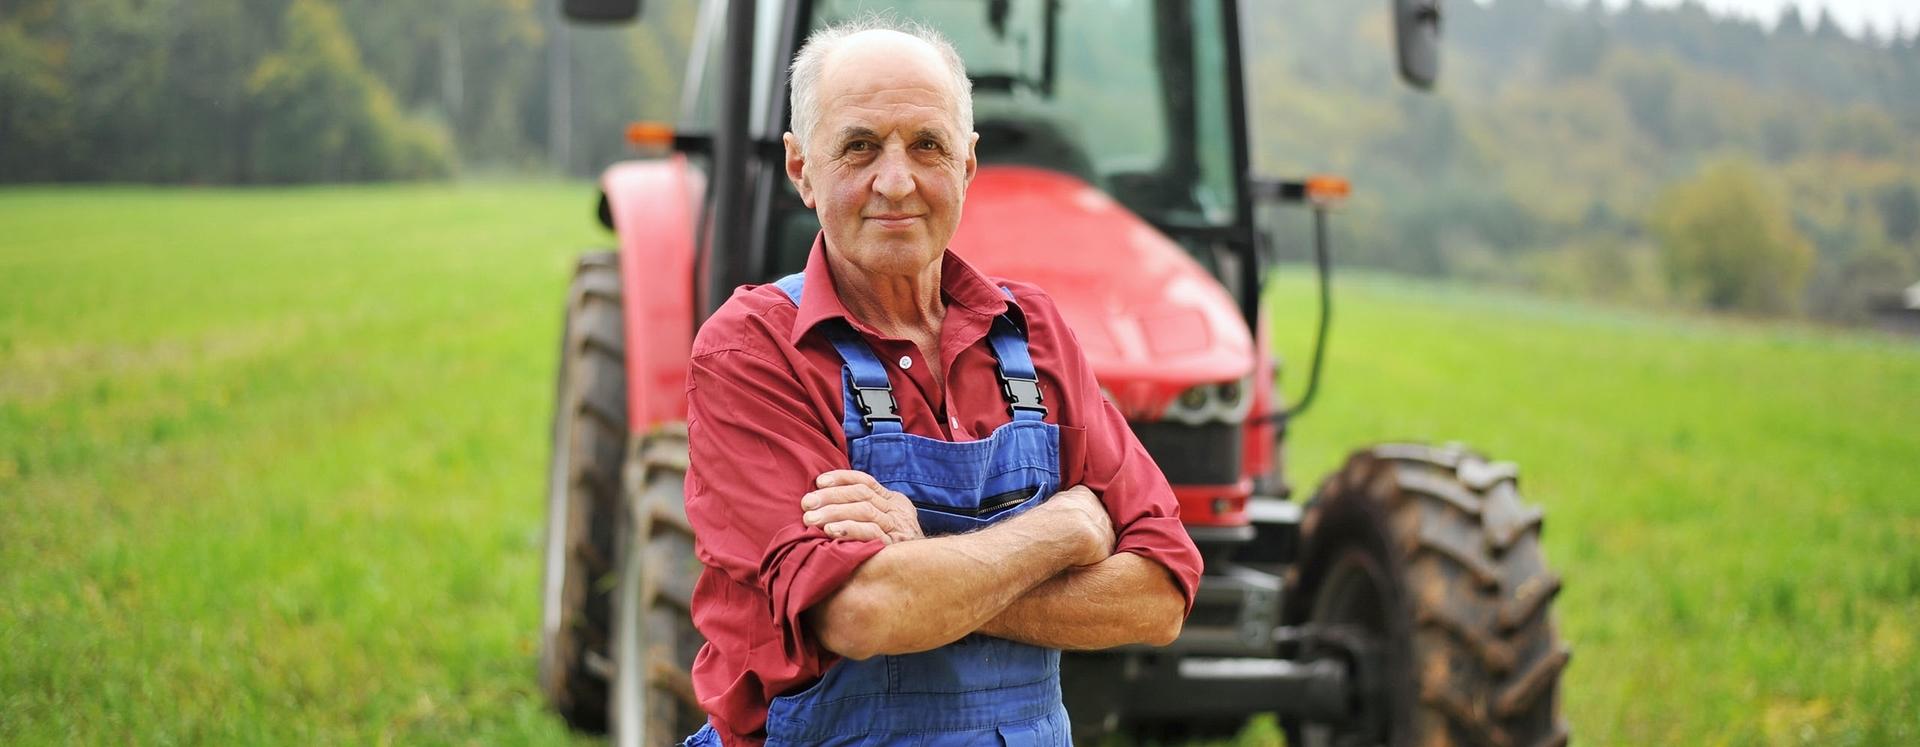 Mann vor Traktor